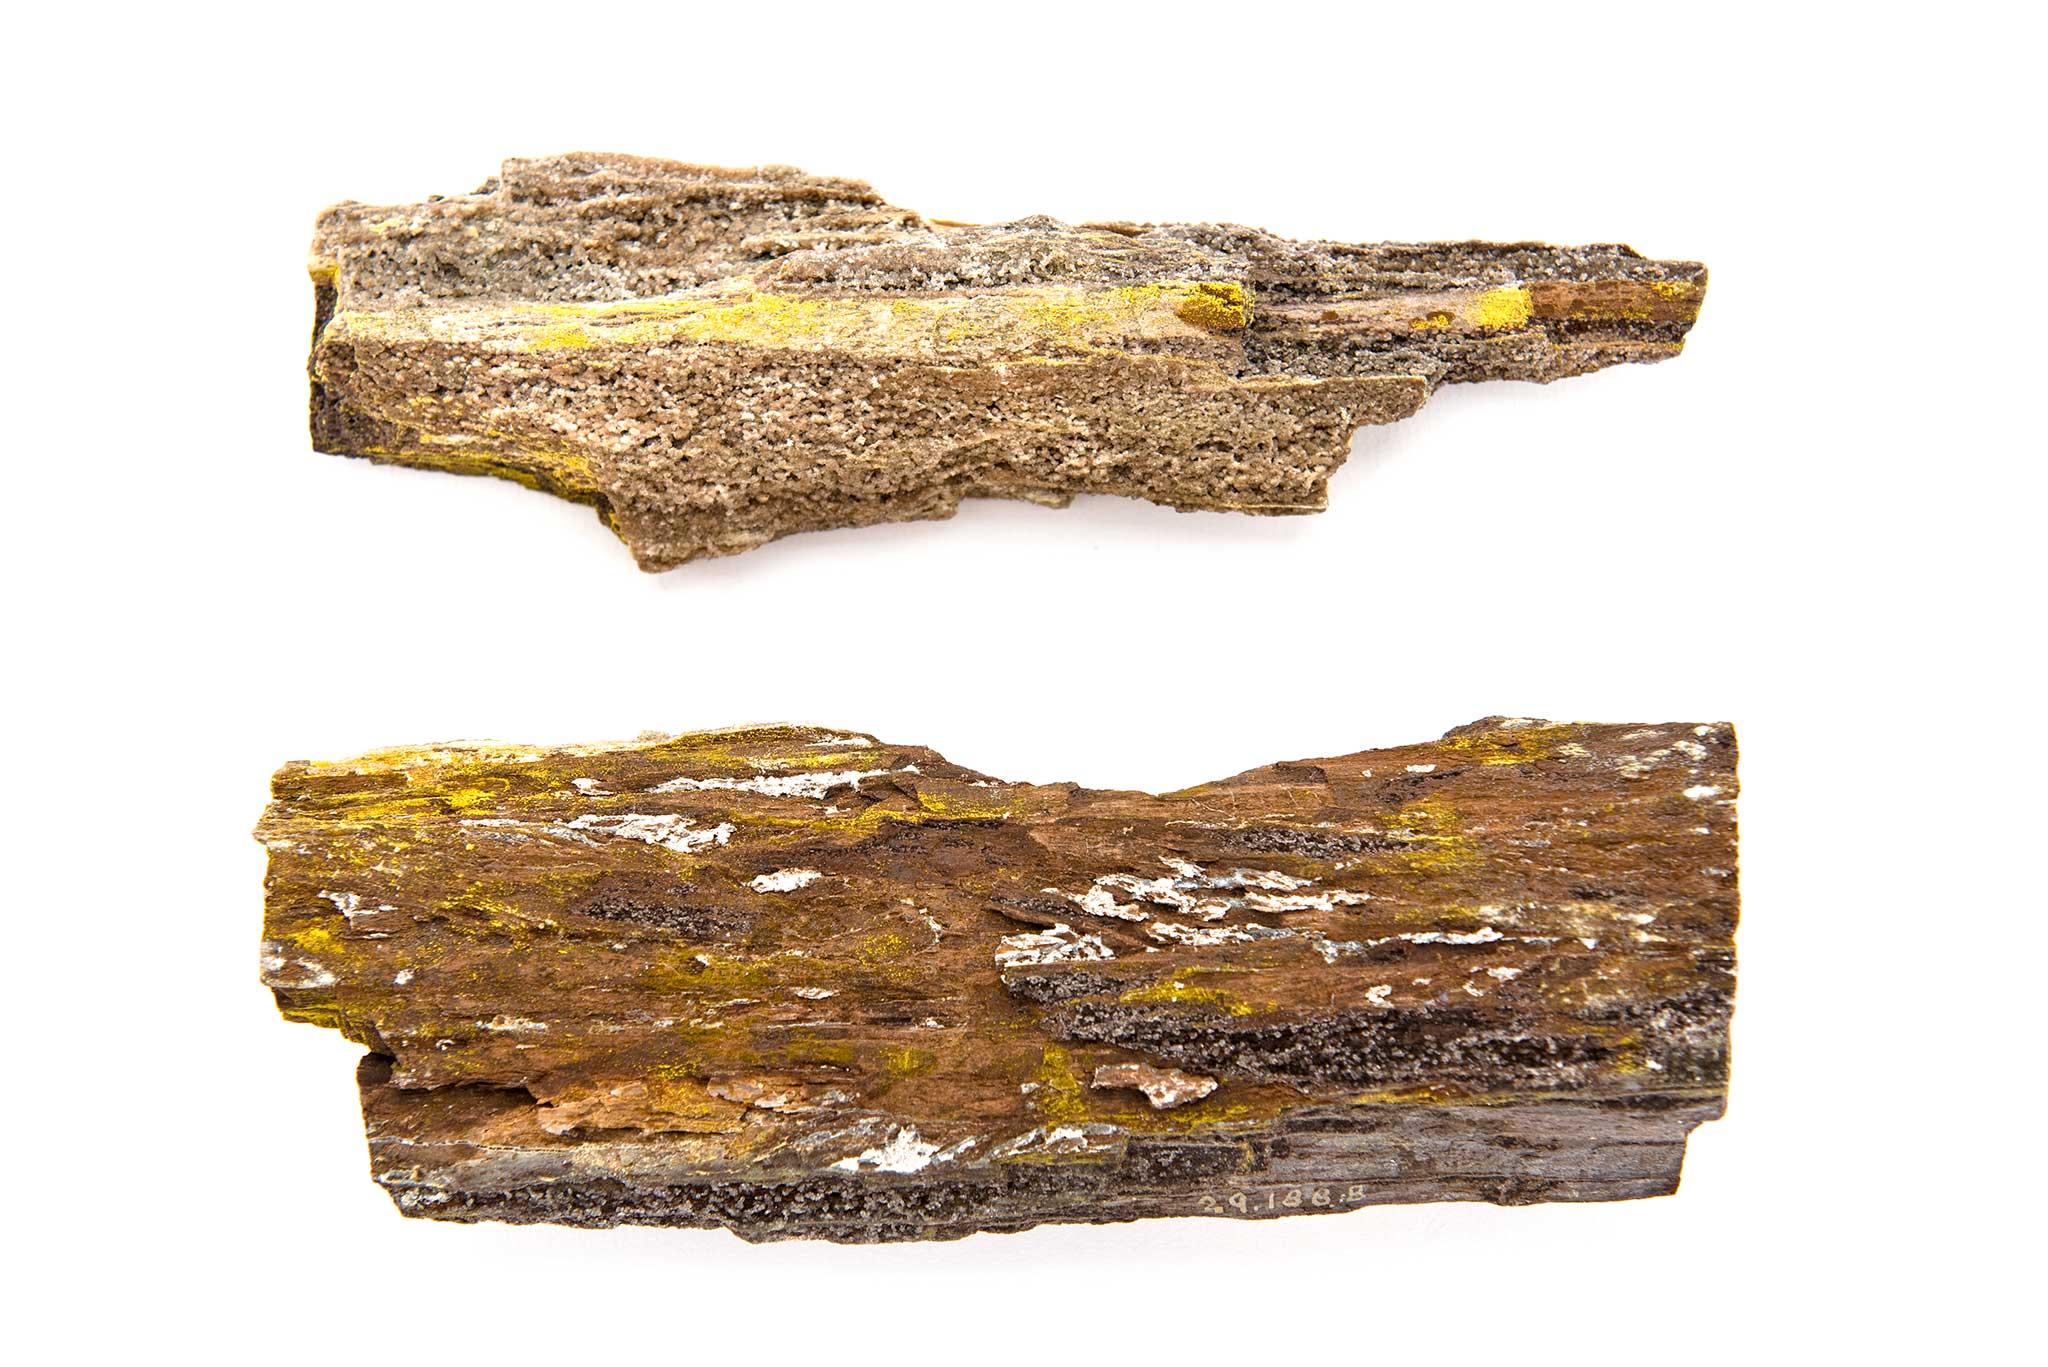 dating petrified wood